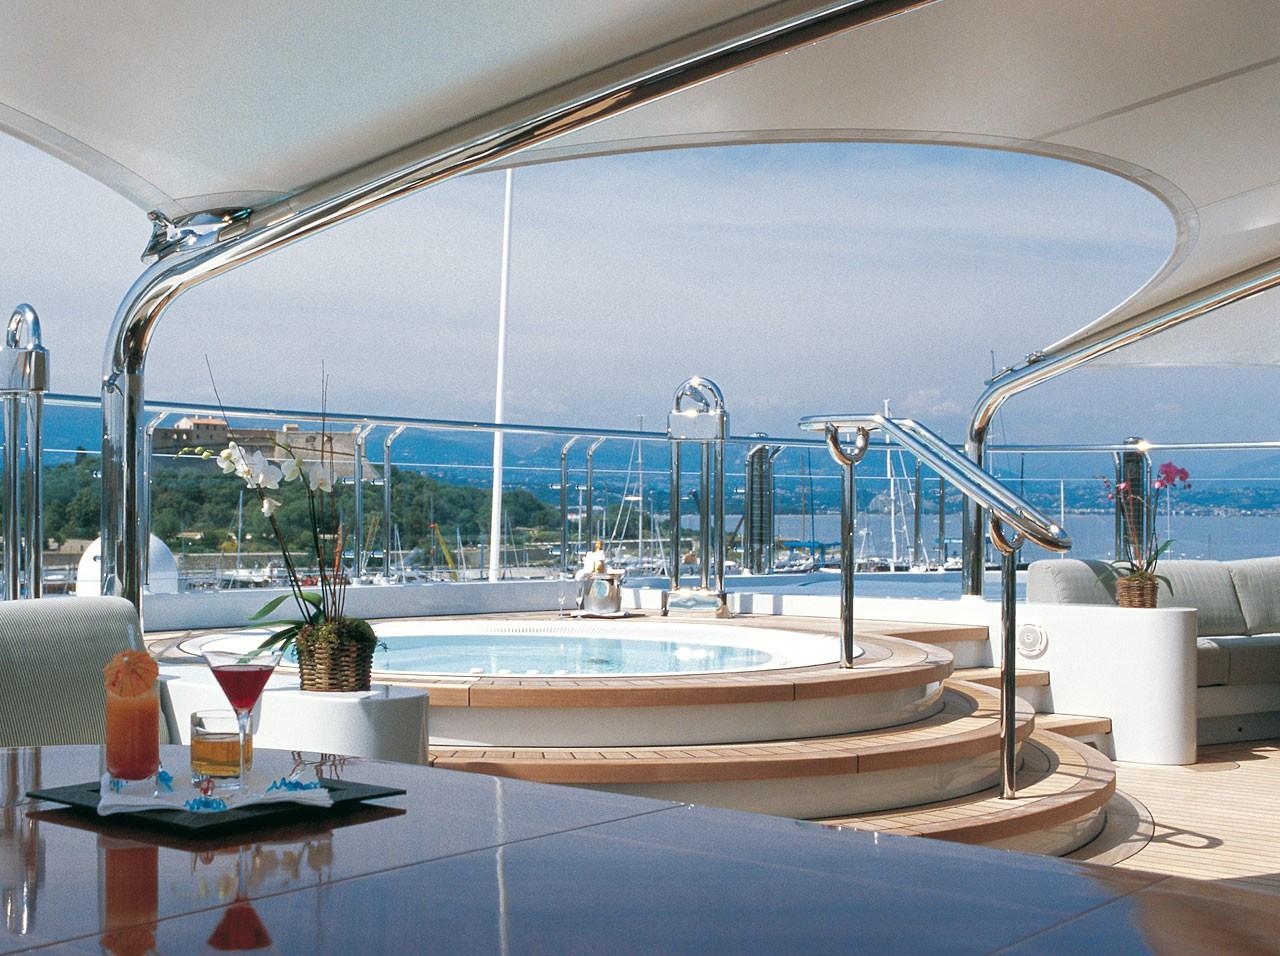 Yacht Octopus Lurssen Charterworld Luxury Superyacht